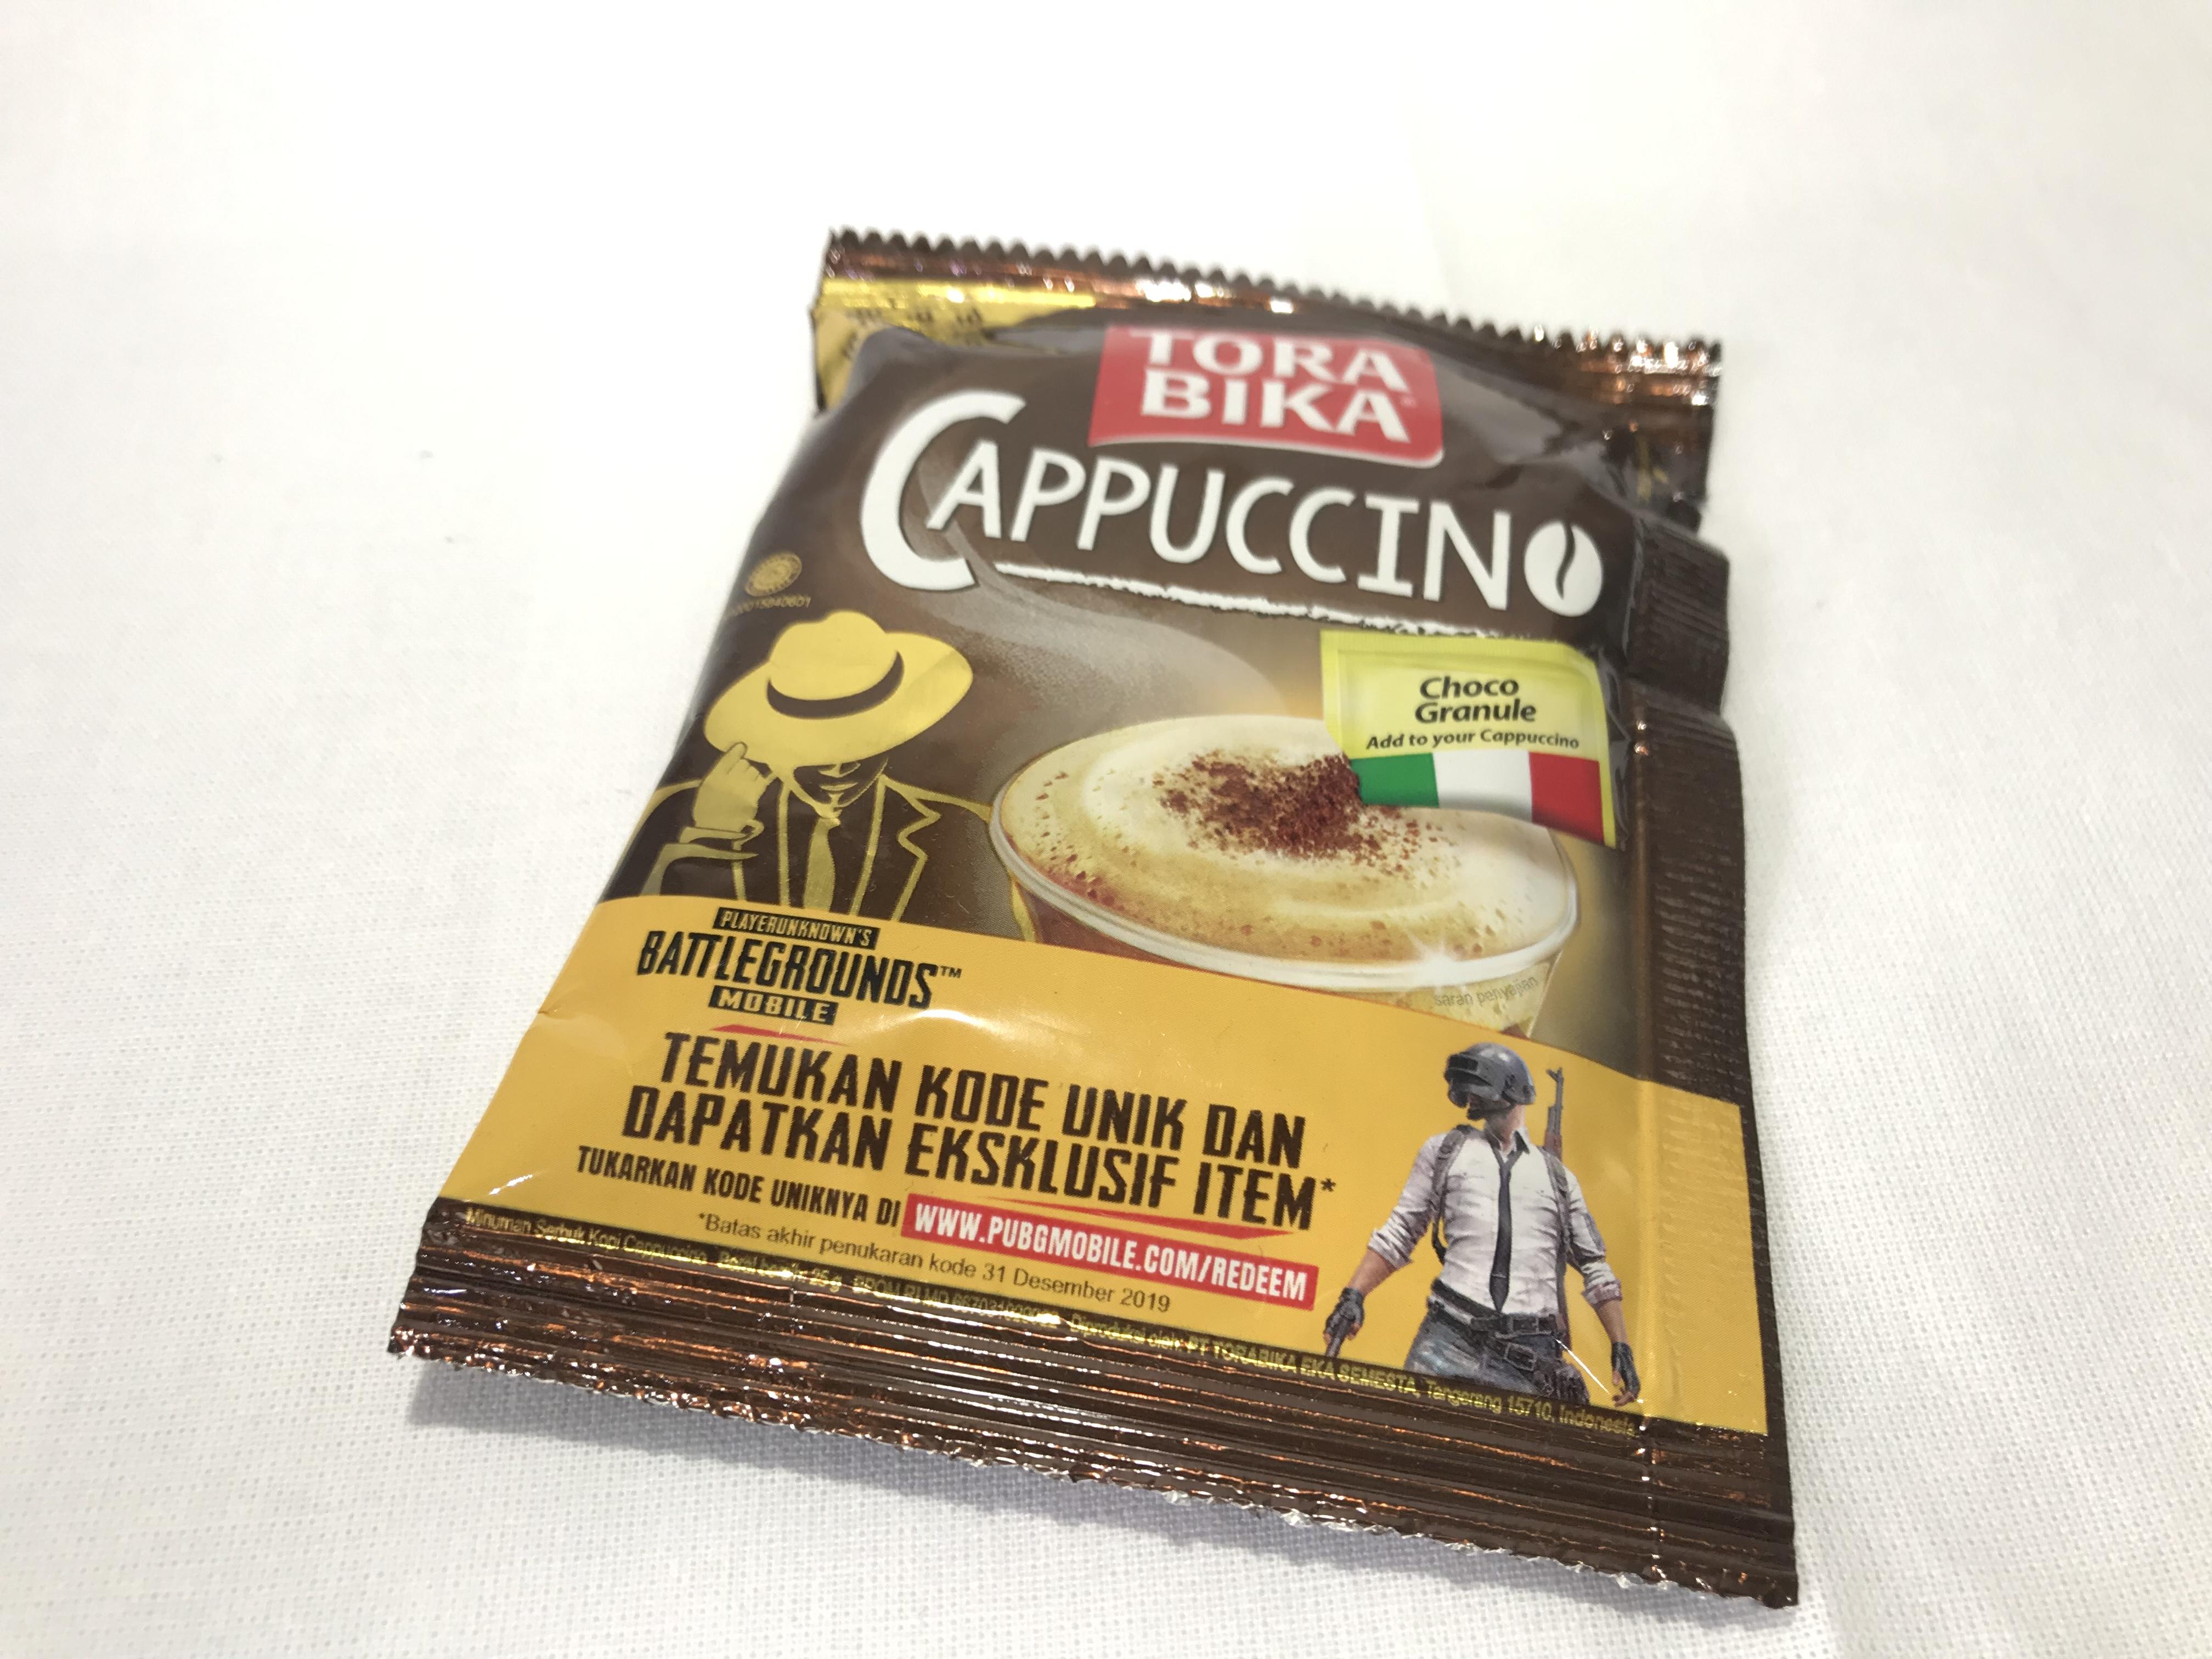 """絶対に買った方が良いインドネシア土産(インスタントコーヒー) """"TORABIKA CAPPUCCINO"""""""